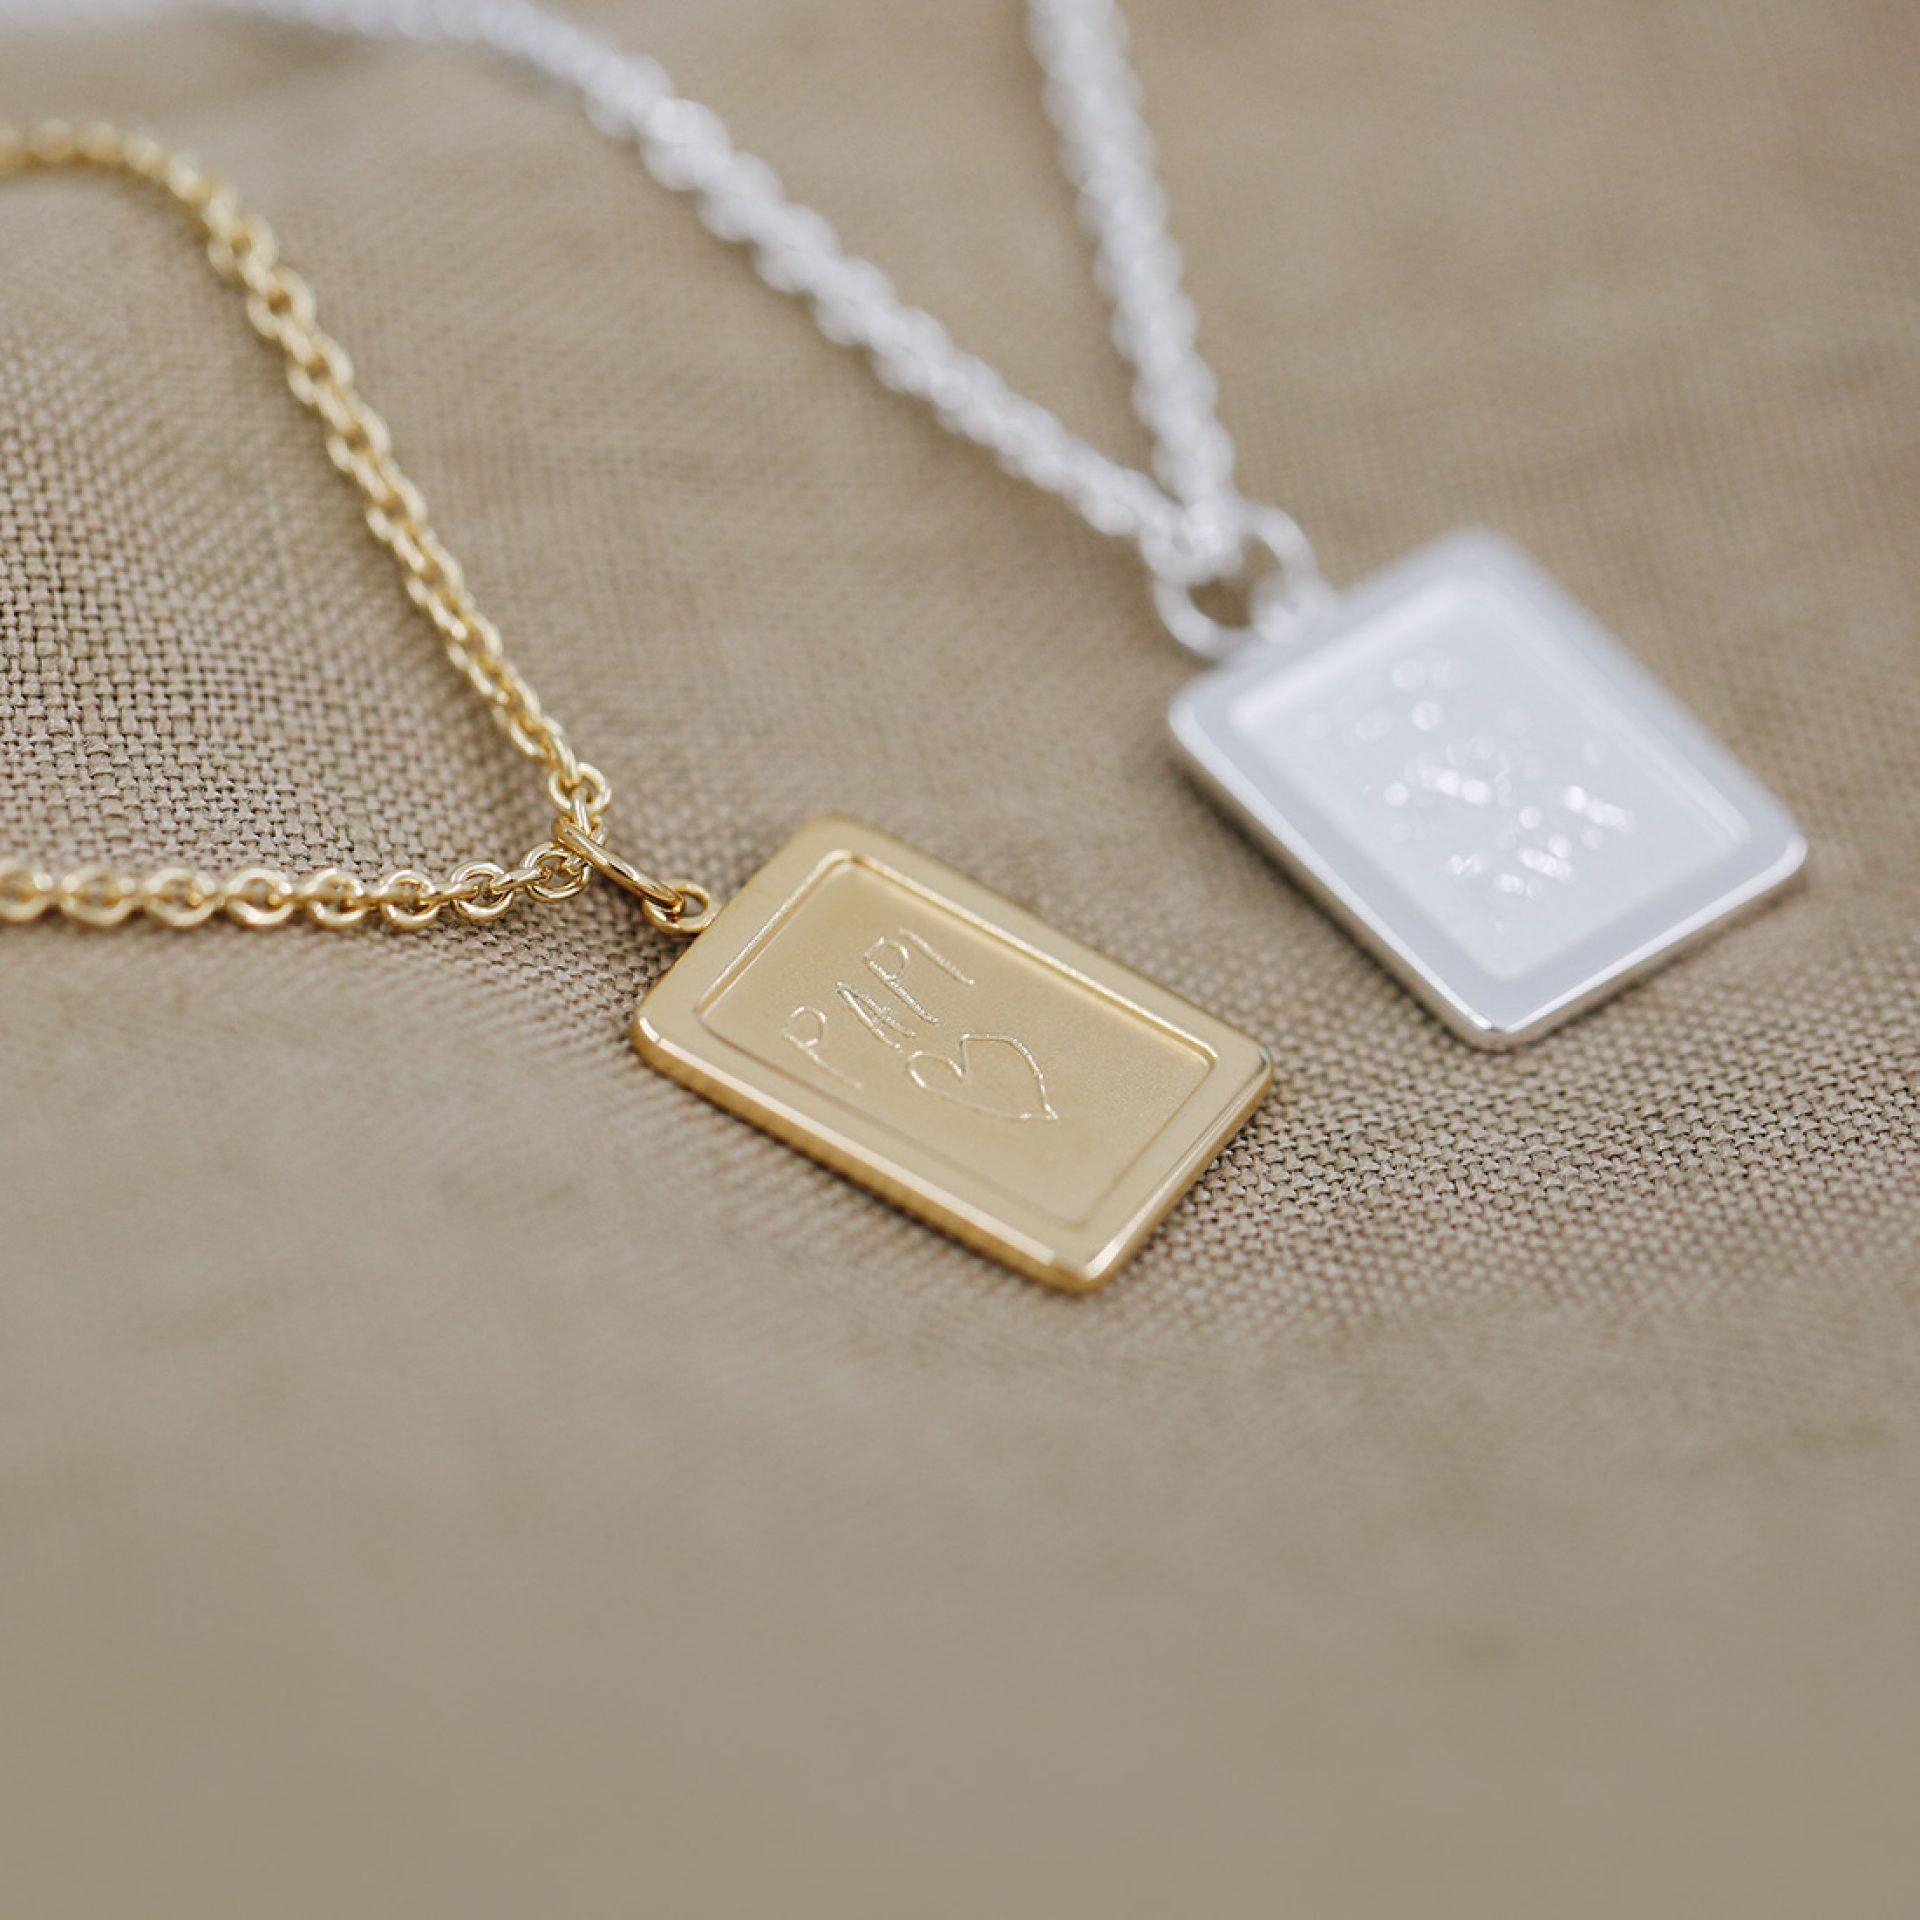 Halskette mit personalisierter Gravur Geschenkidee Gravurkette Mann